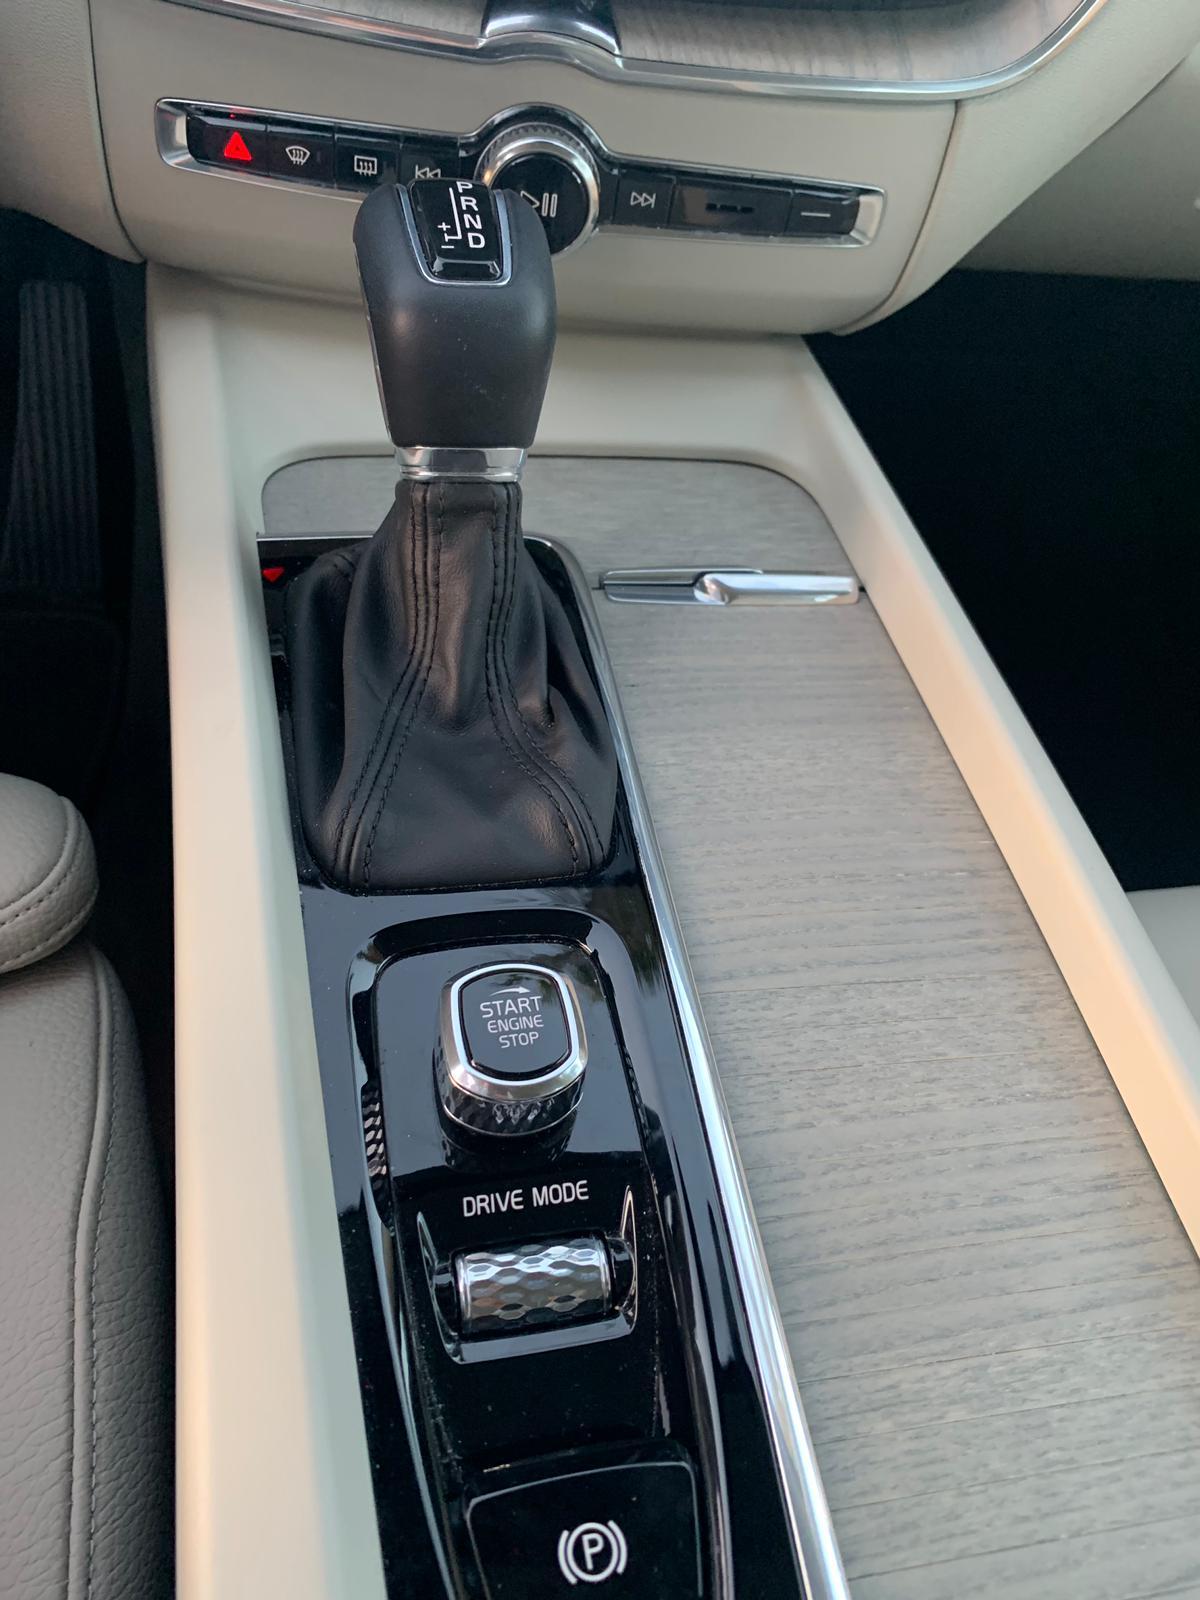 XC60 2.0 INSCRIPTION D4 AWD 2018 SEP19 (16)